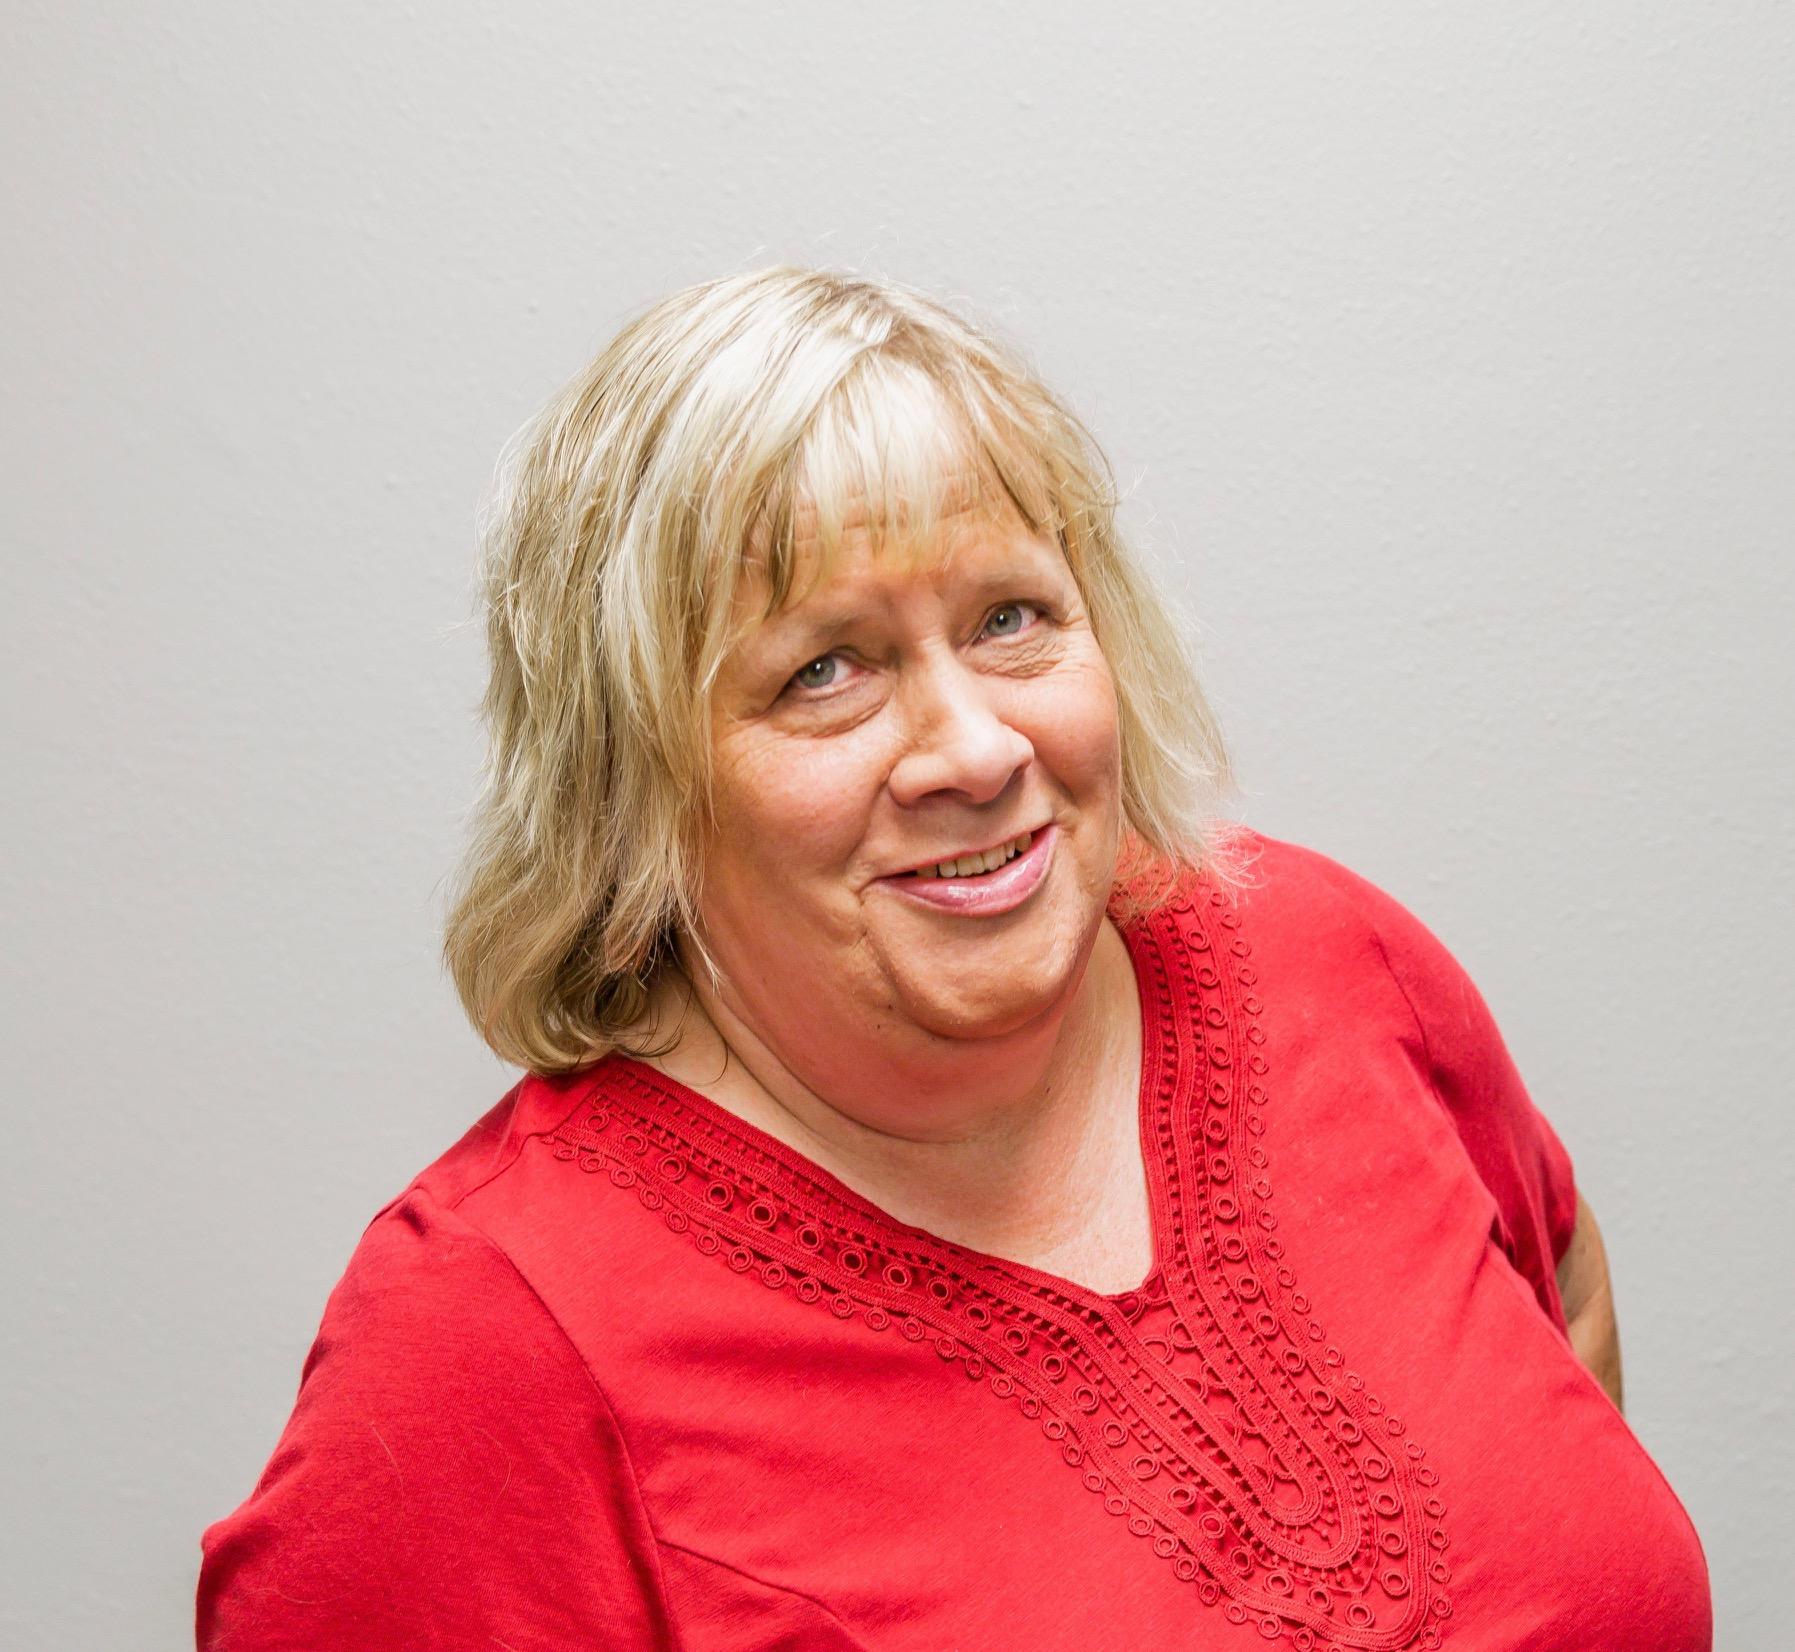 Pamela K. Hoefert